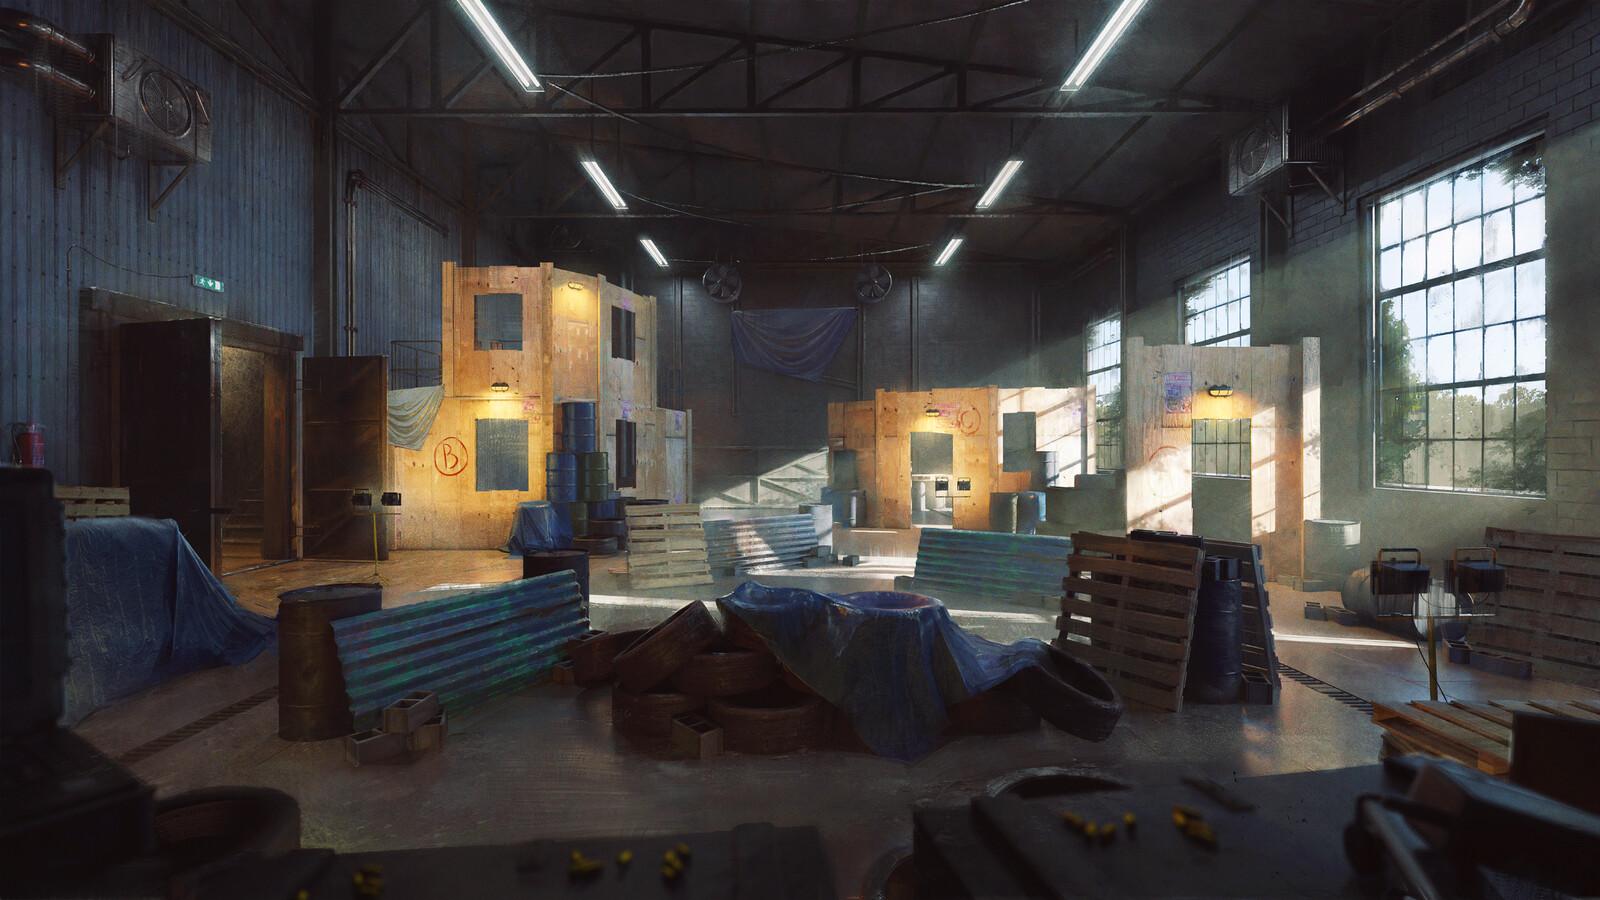 Target practice warehouse